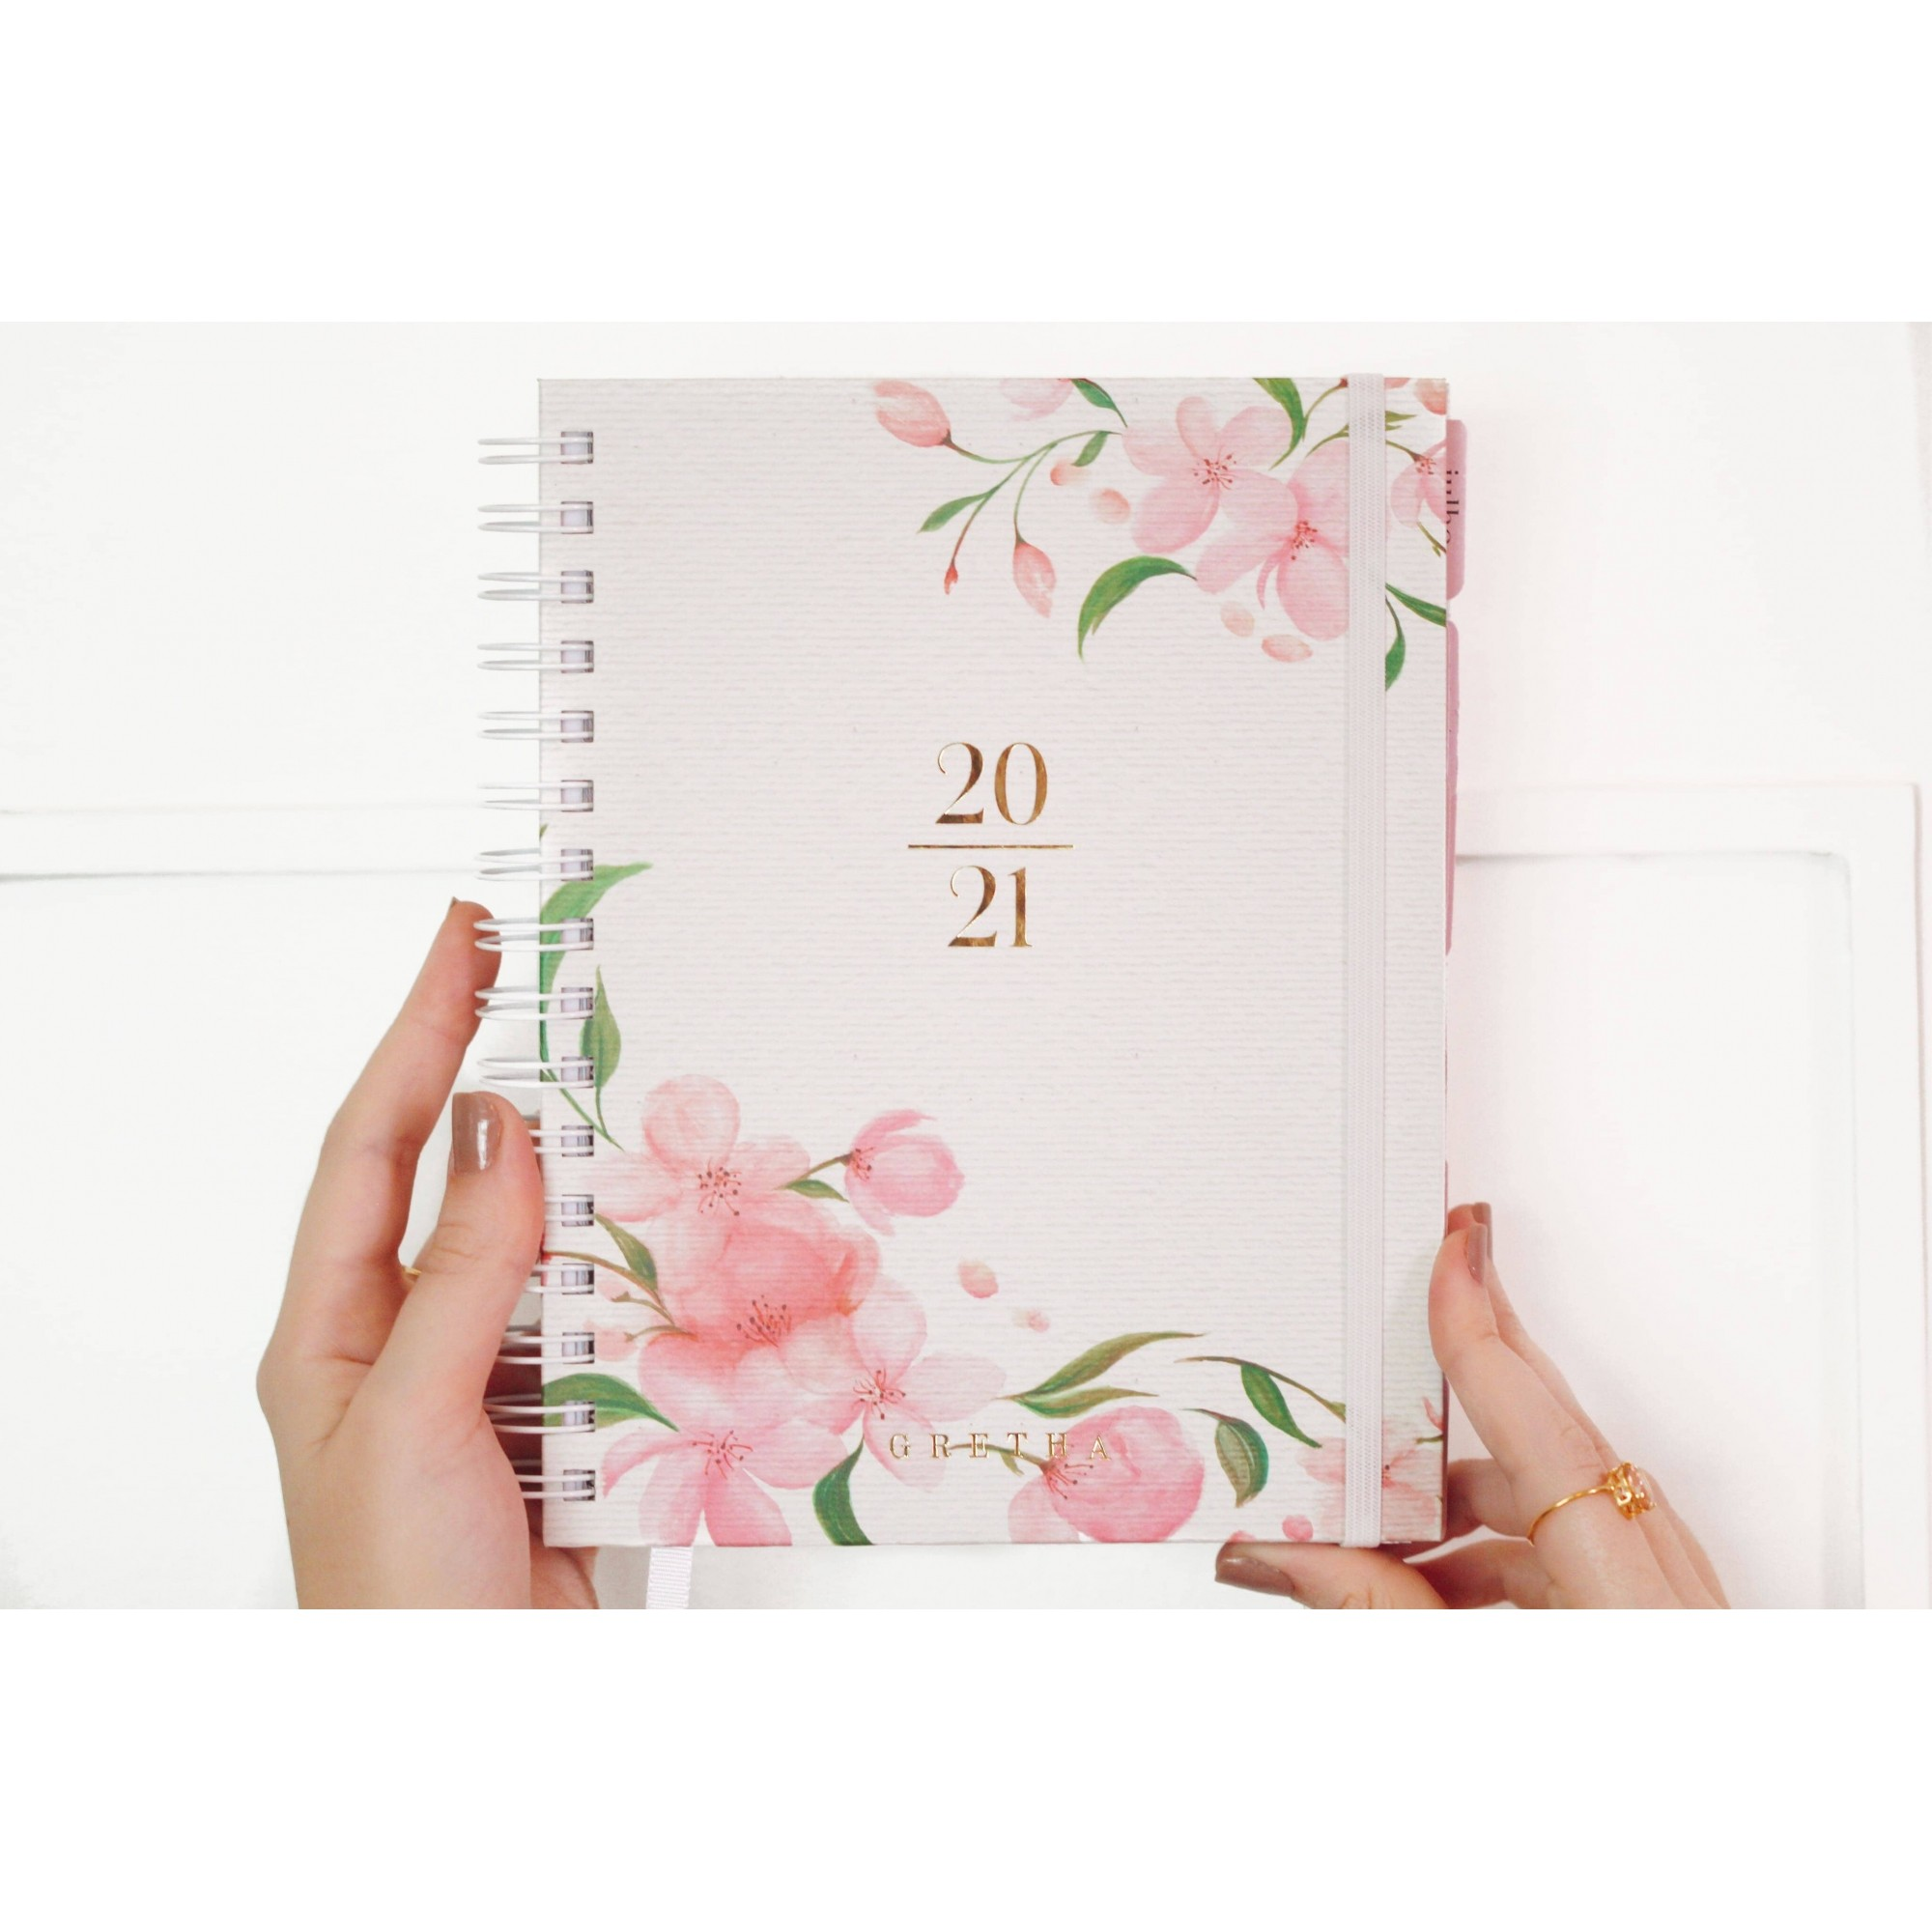 Planner 2021 - Floral